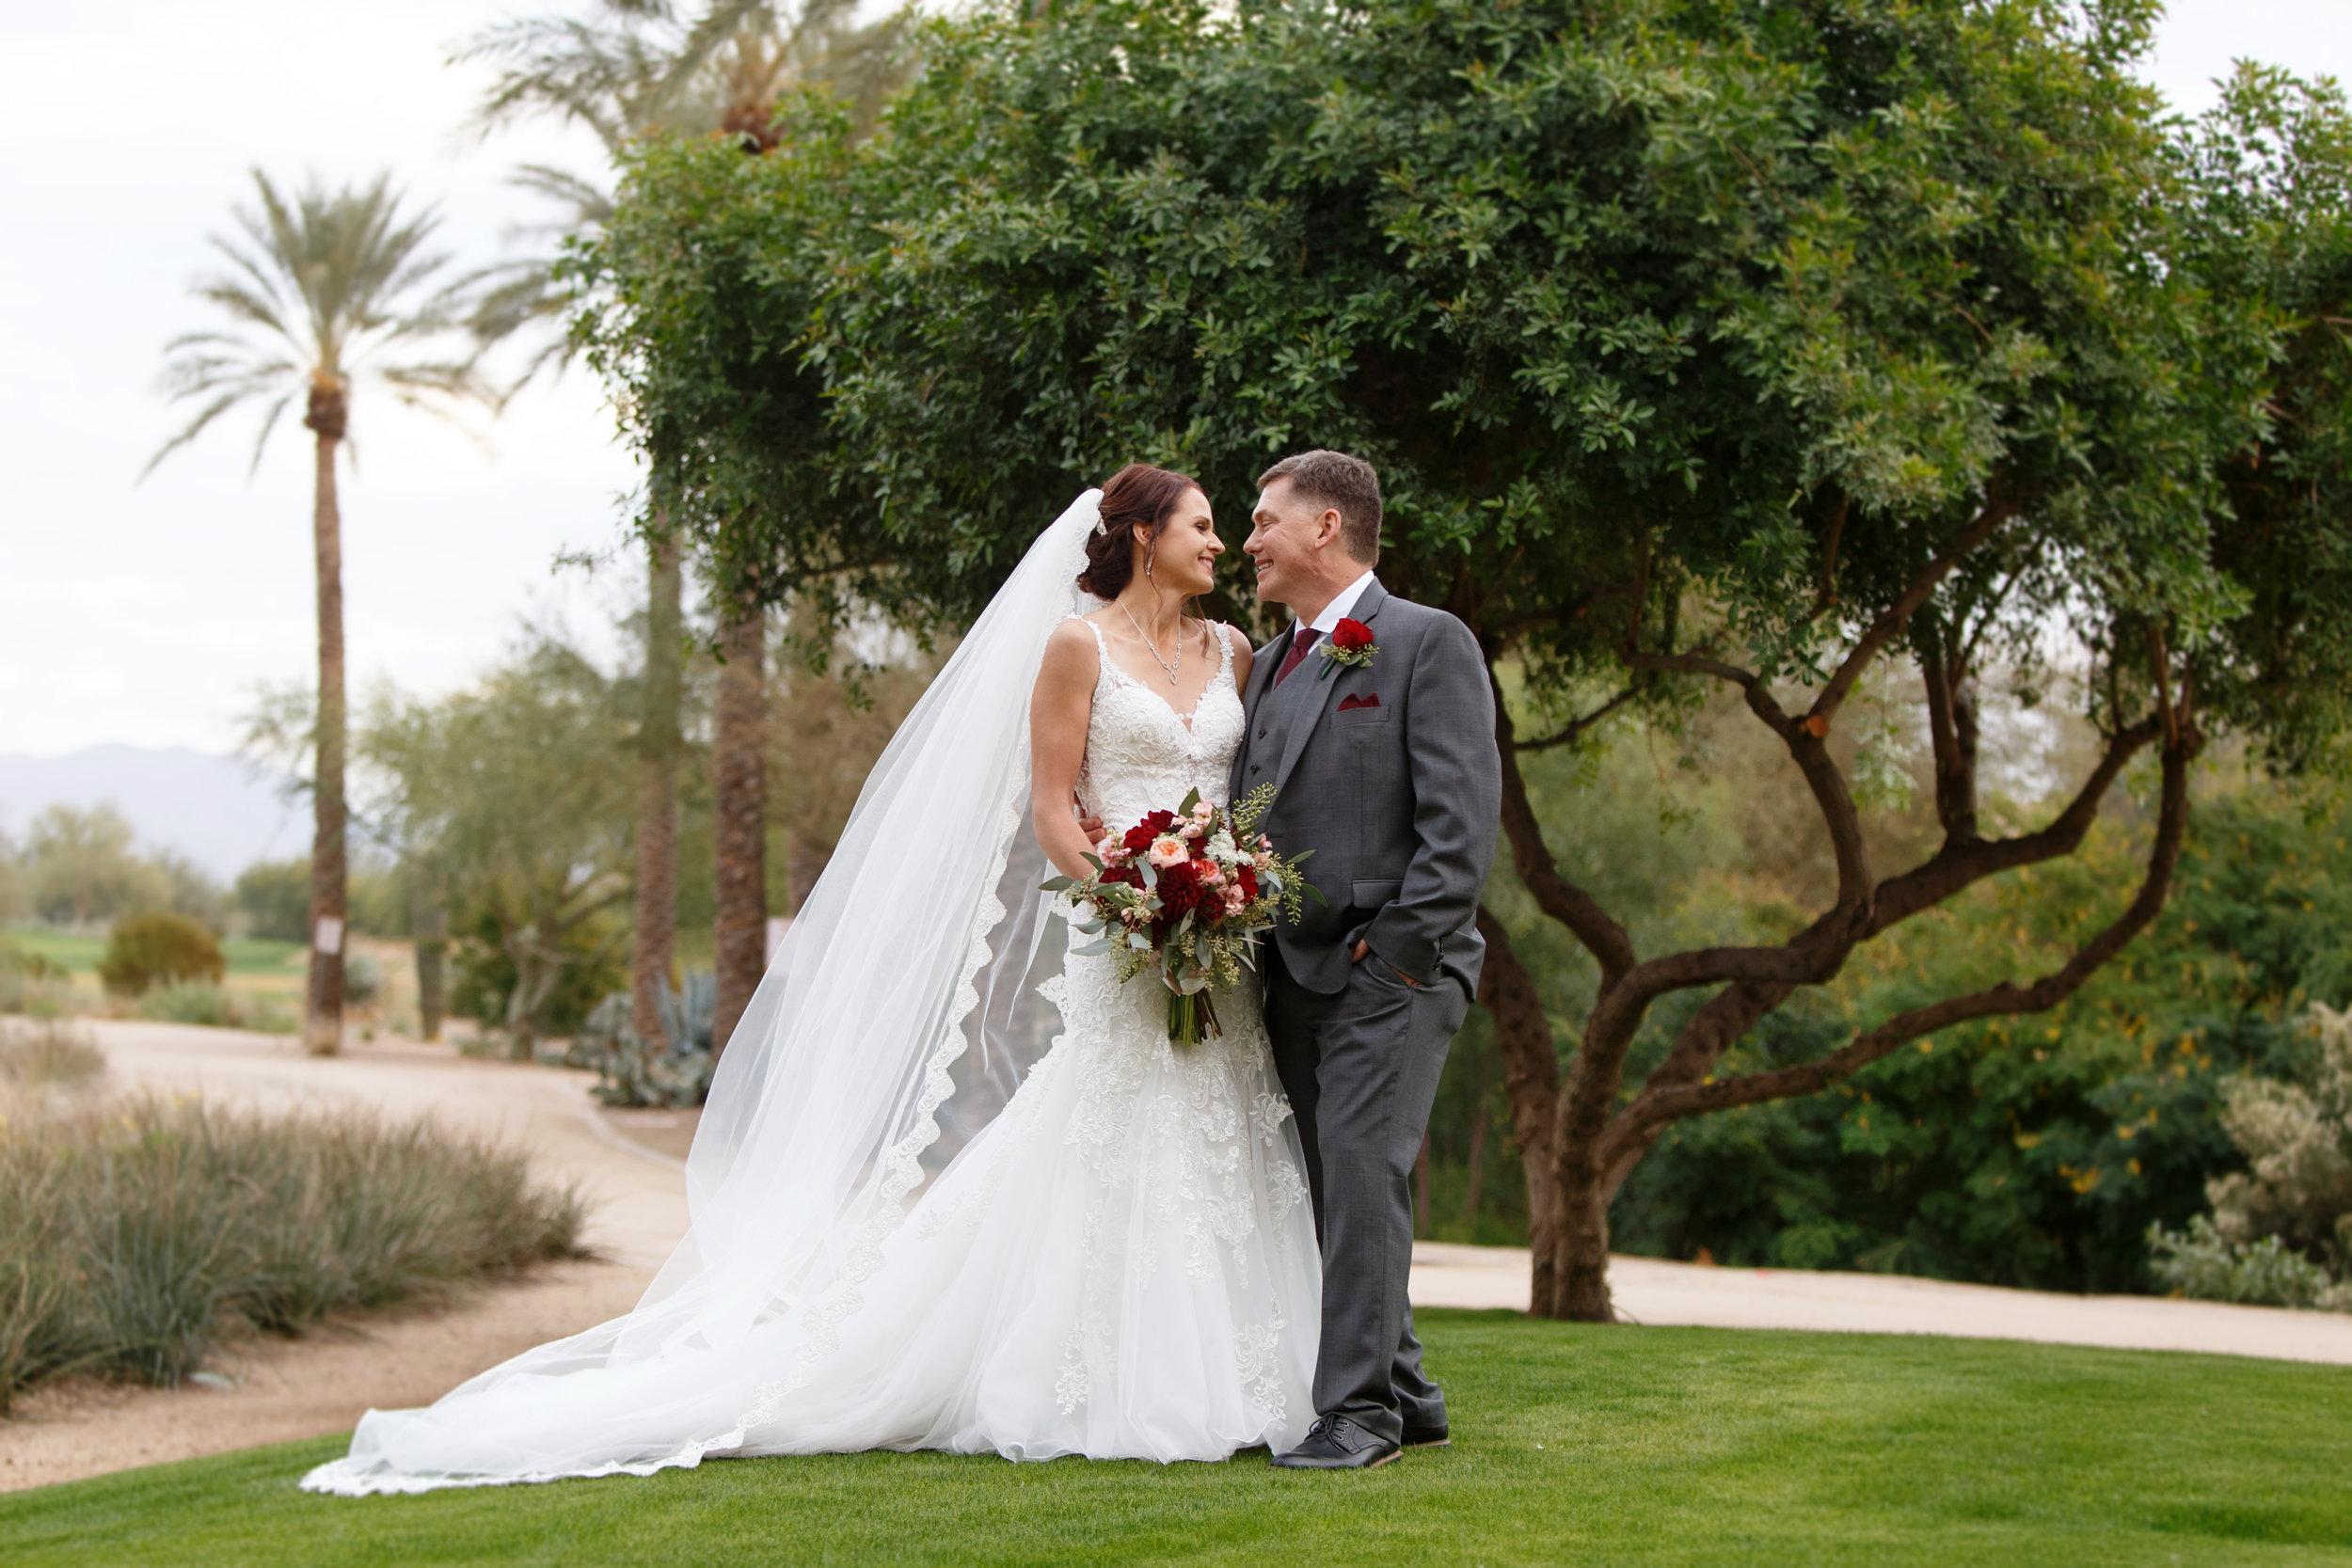 wedding_kathy-john-castro_f-445.jpg